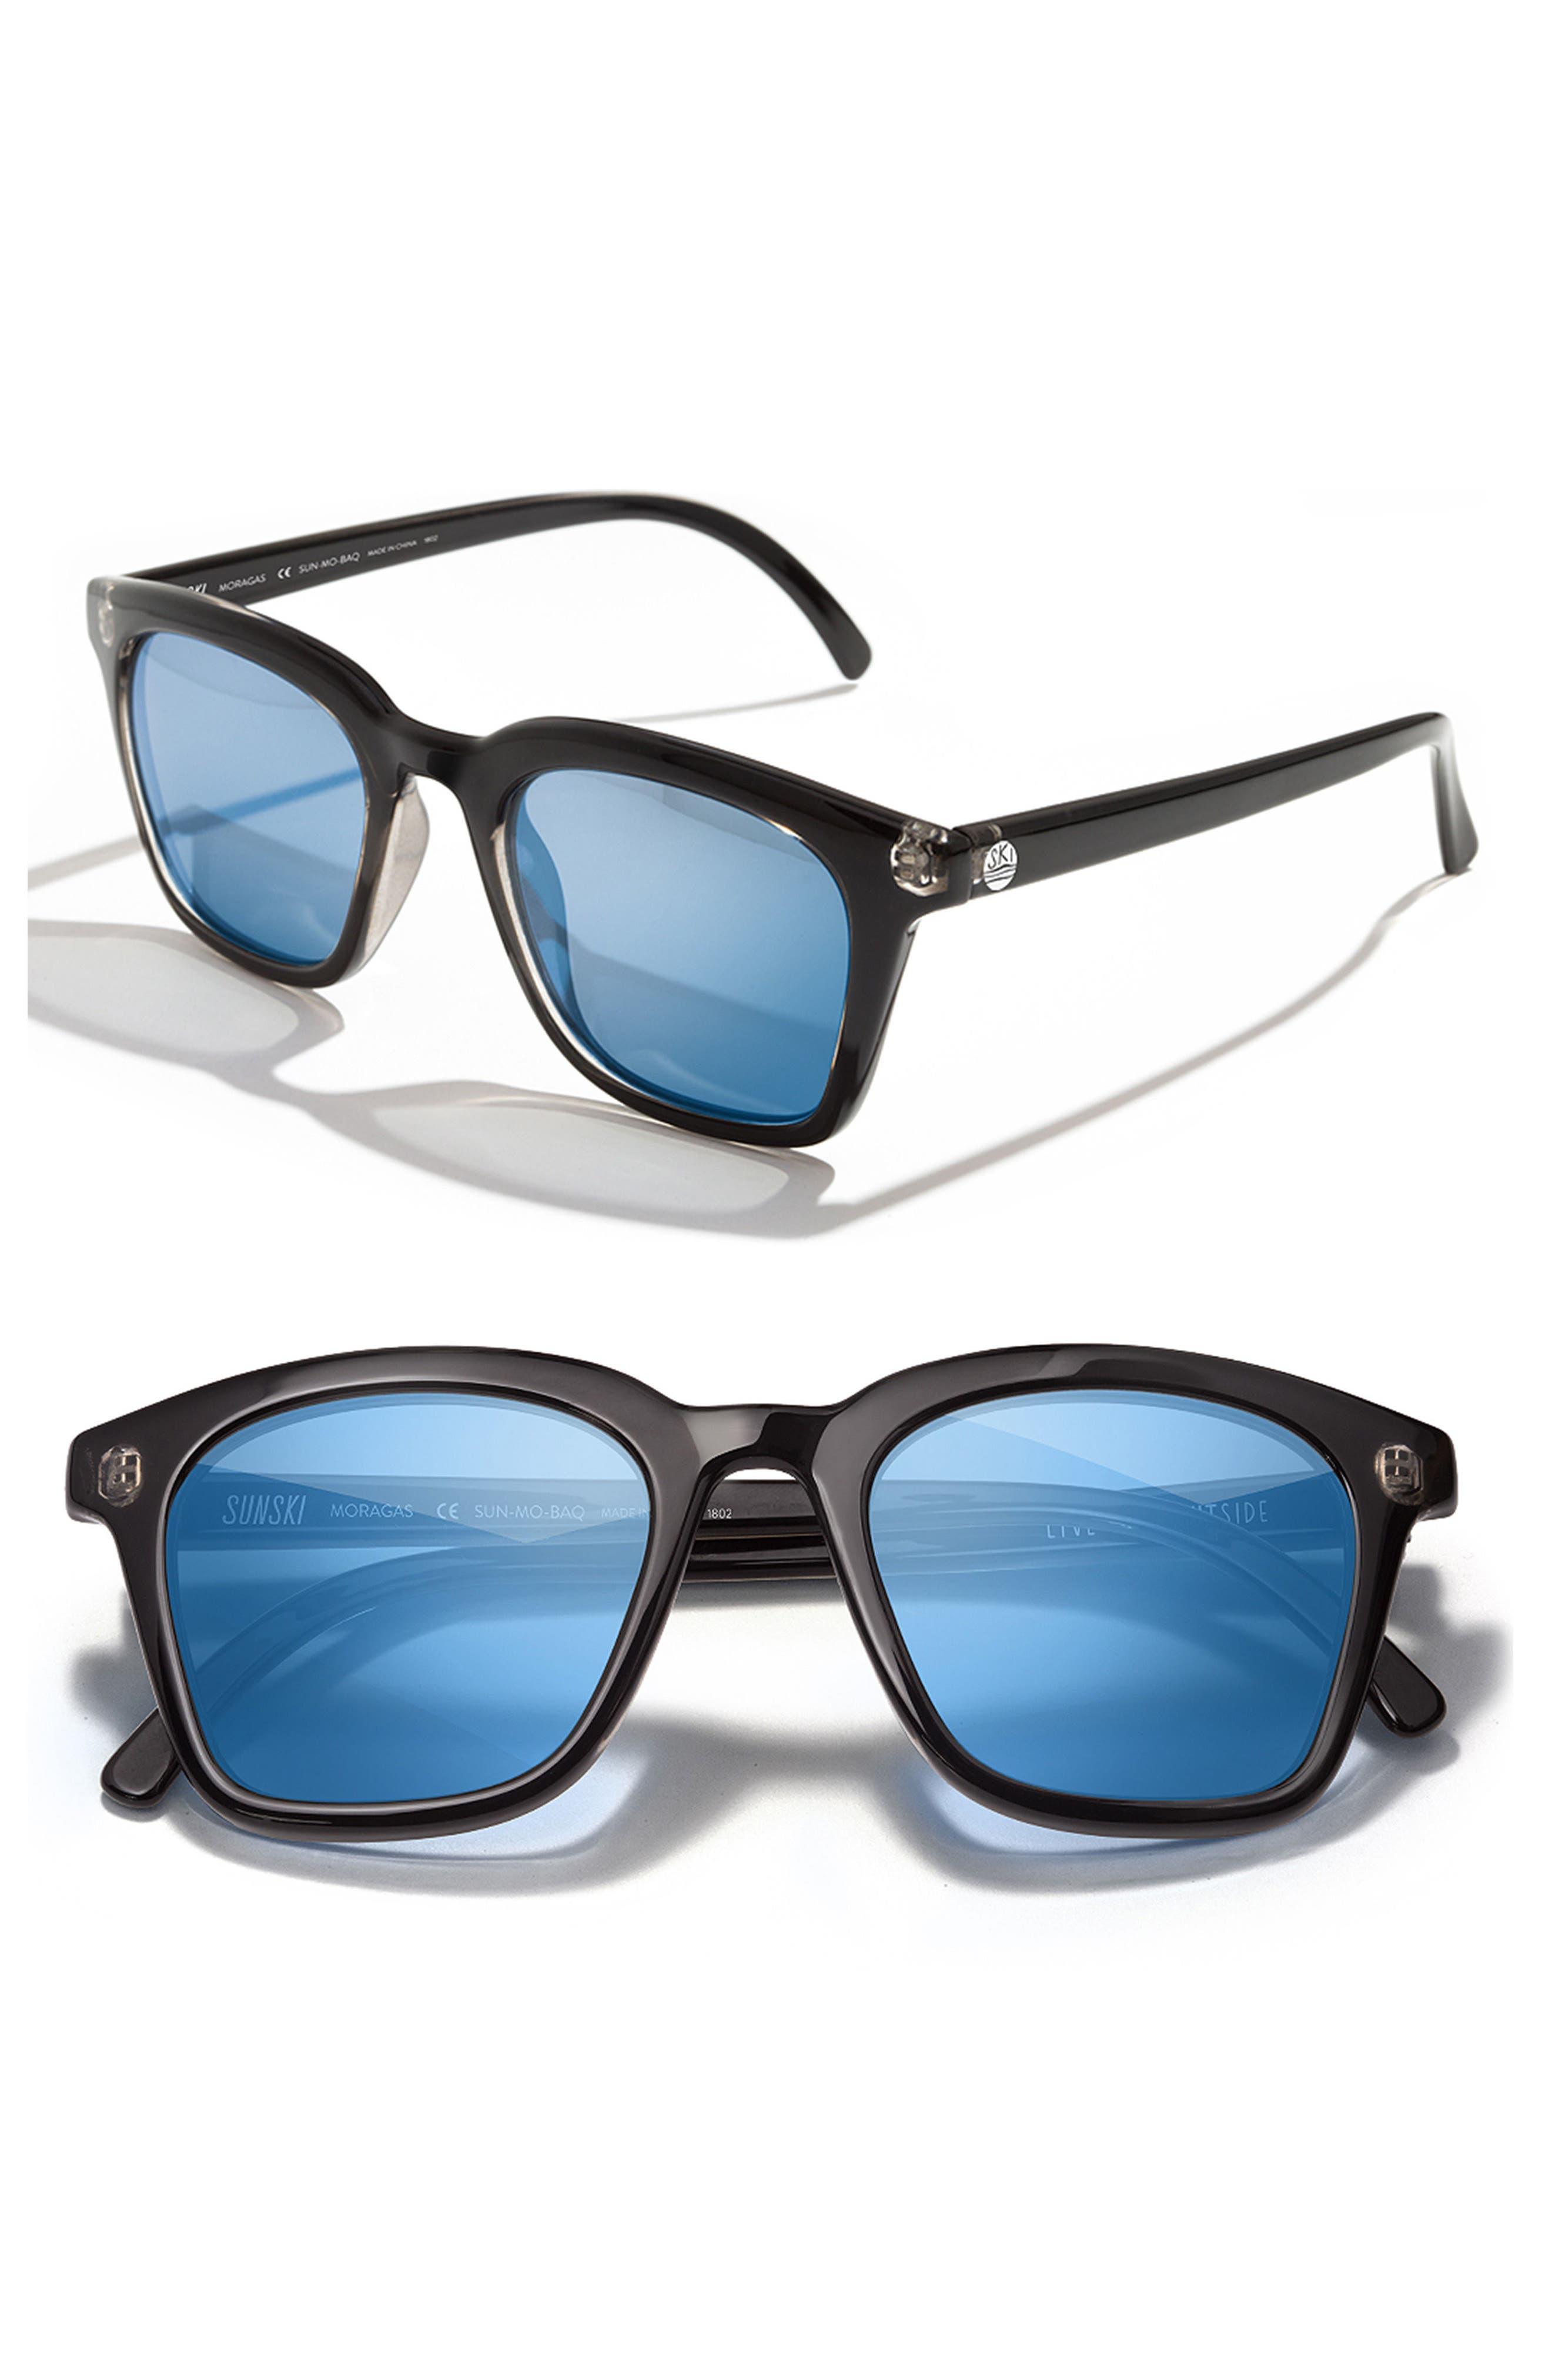 Moraga 47mm Polarized Sunglasses,                         Main,                         color, Black Aqua